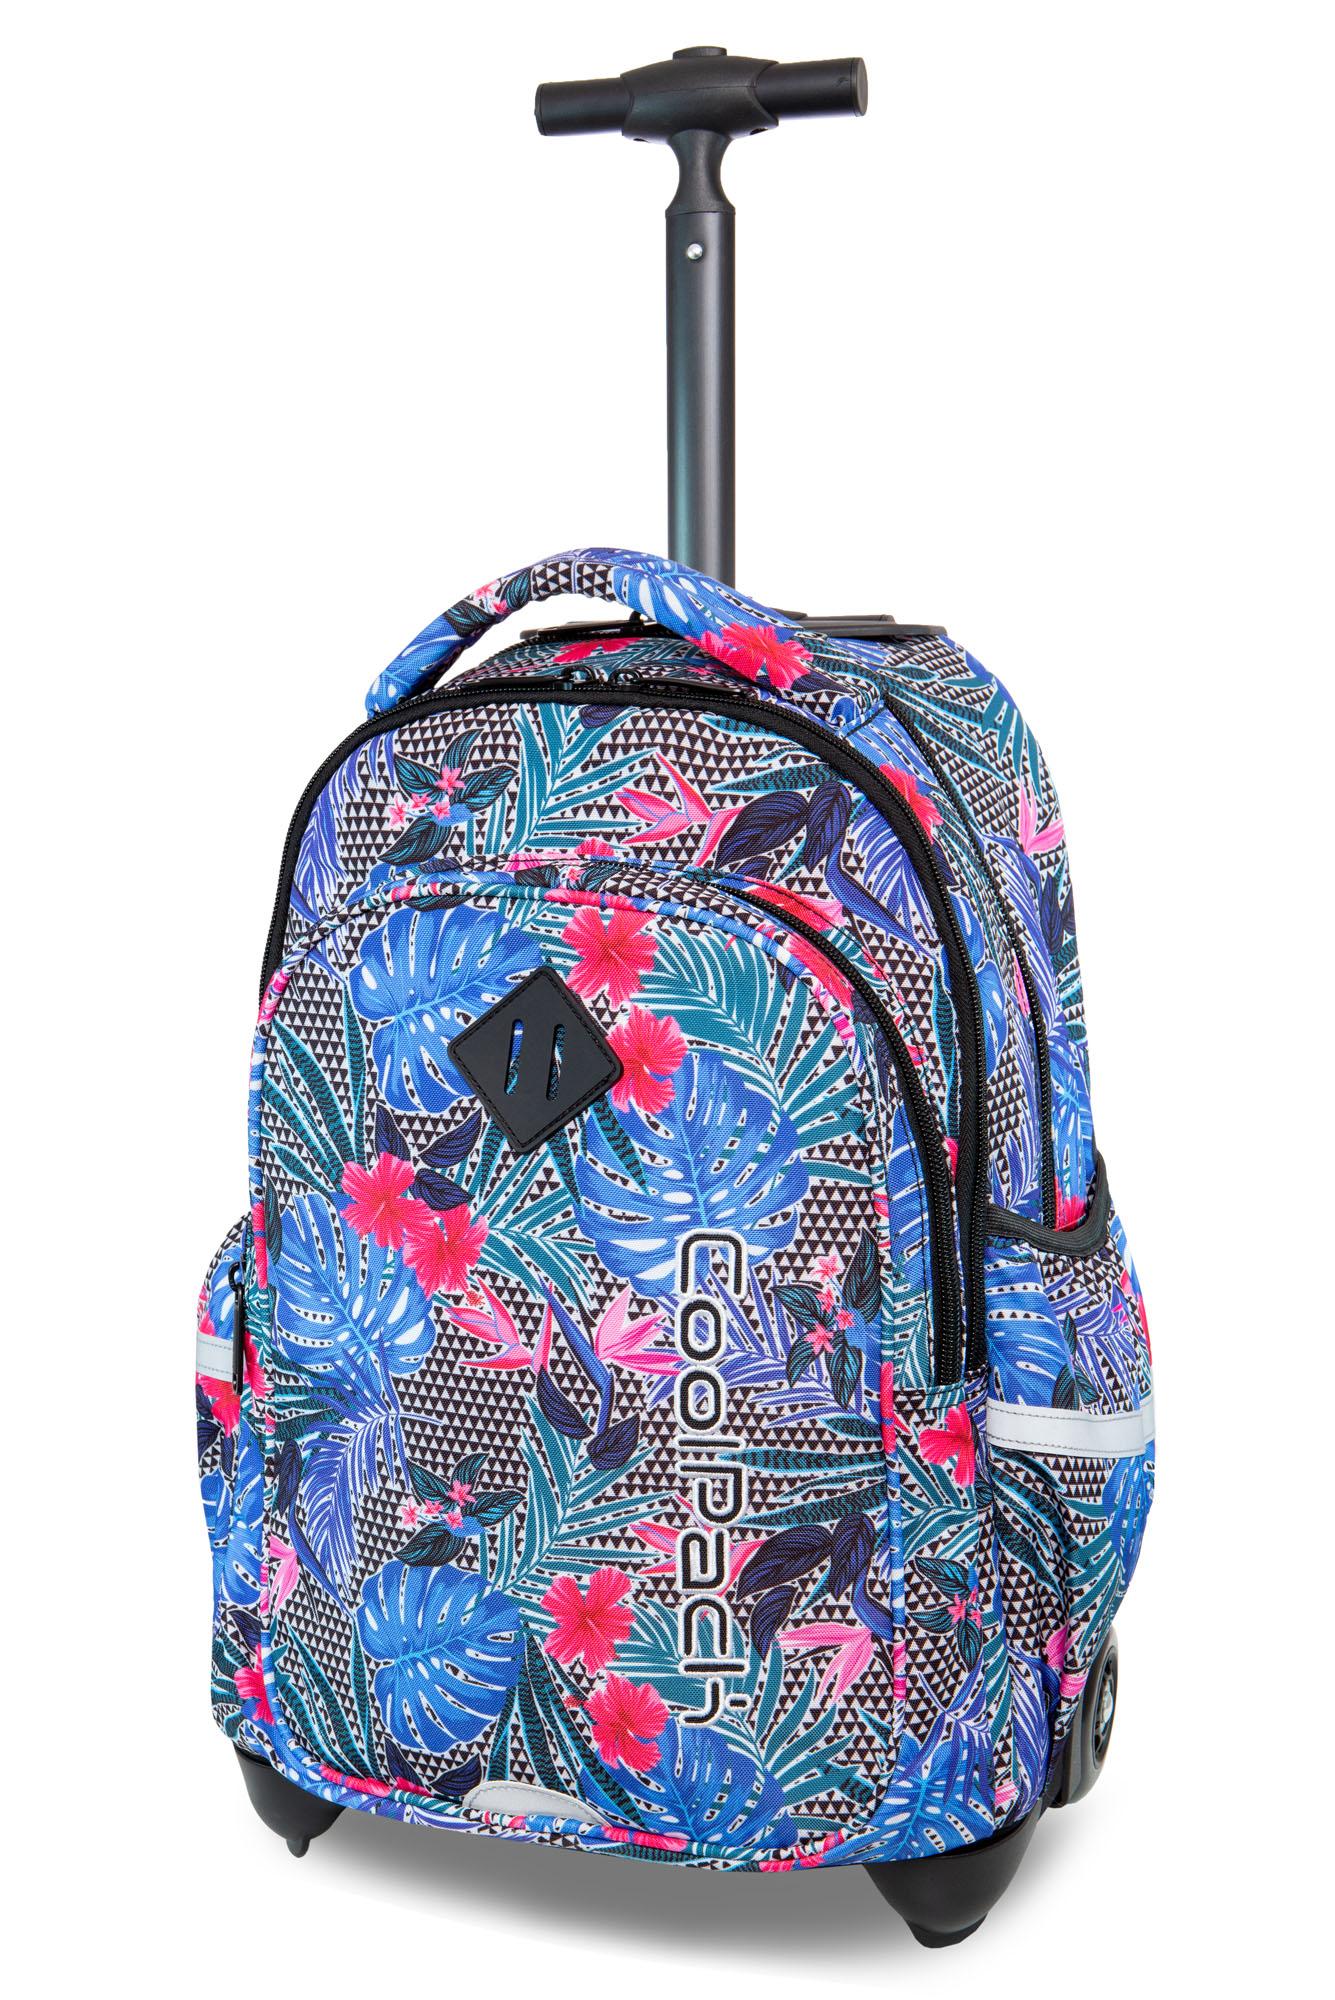 Coolpack   junior  rygsæk med hjul   aloha blue